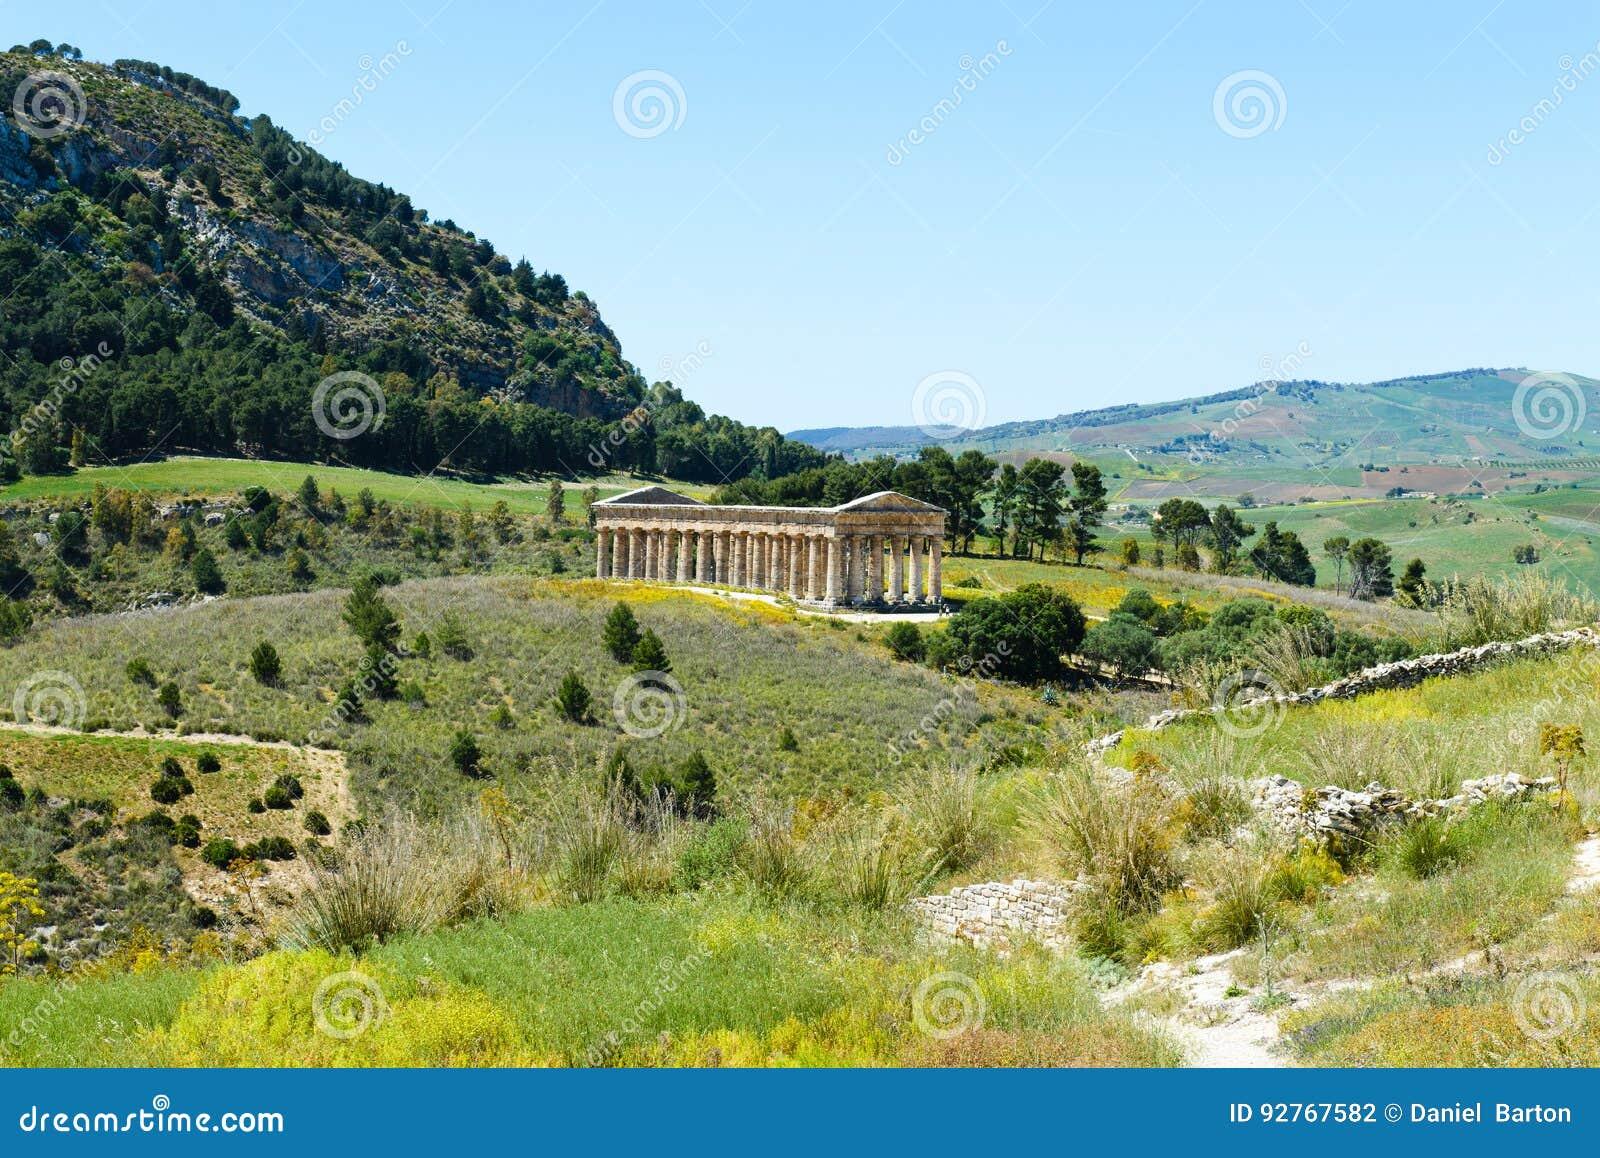 Greek Doric temple in Segesta